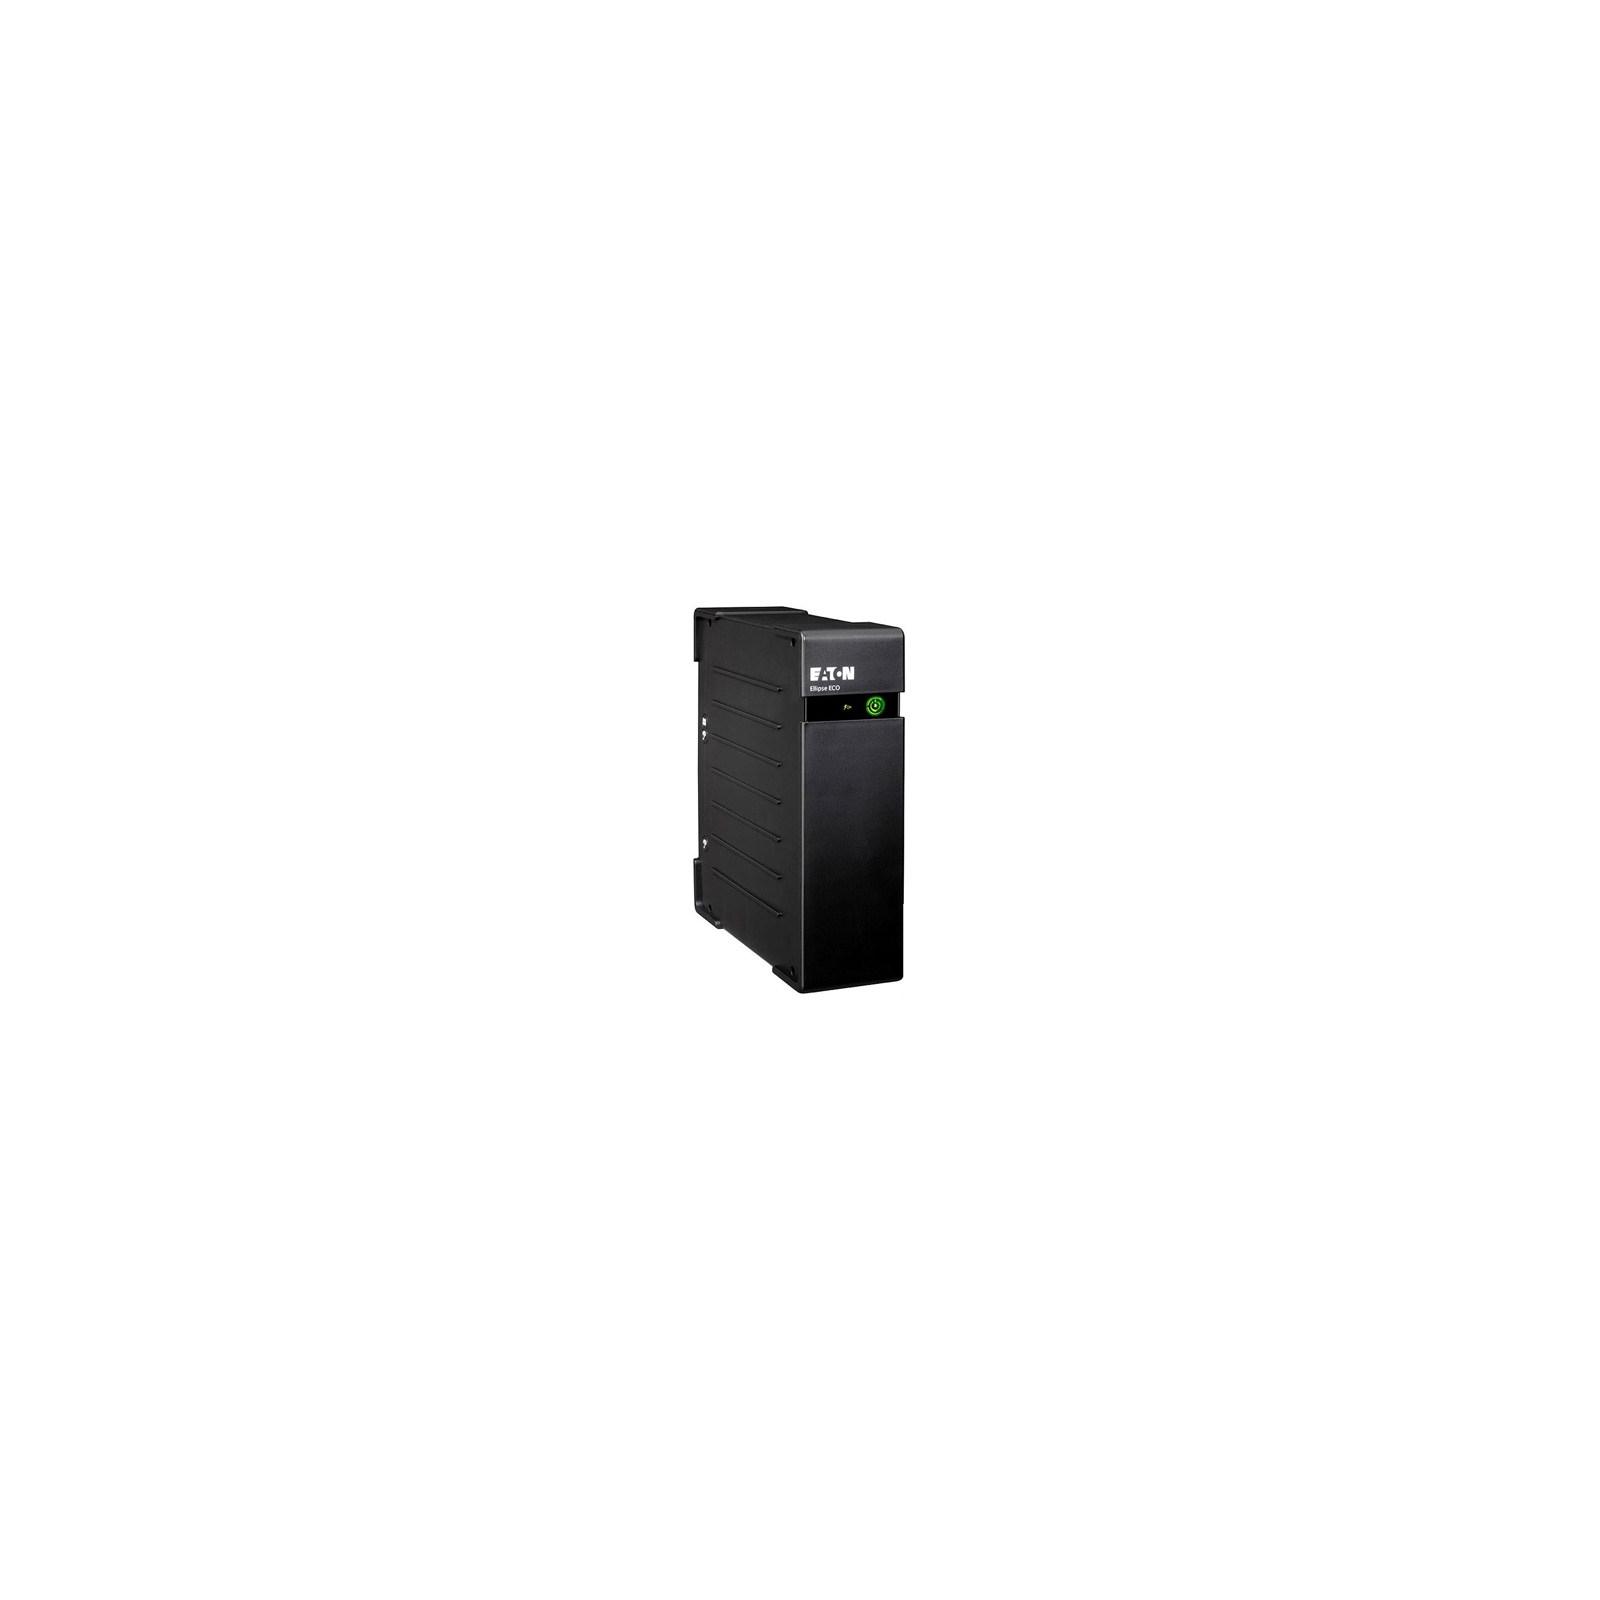 Источник бесперебойного питания Eaton Ellipse ECO 800VA, DIN (9400-5334-00P)